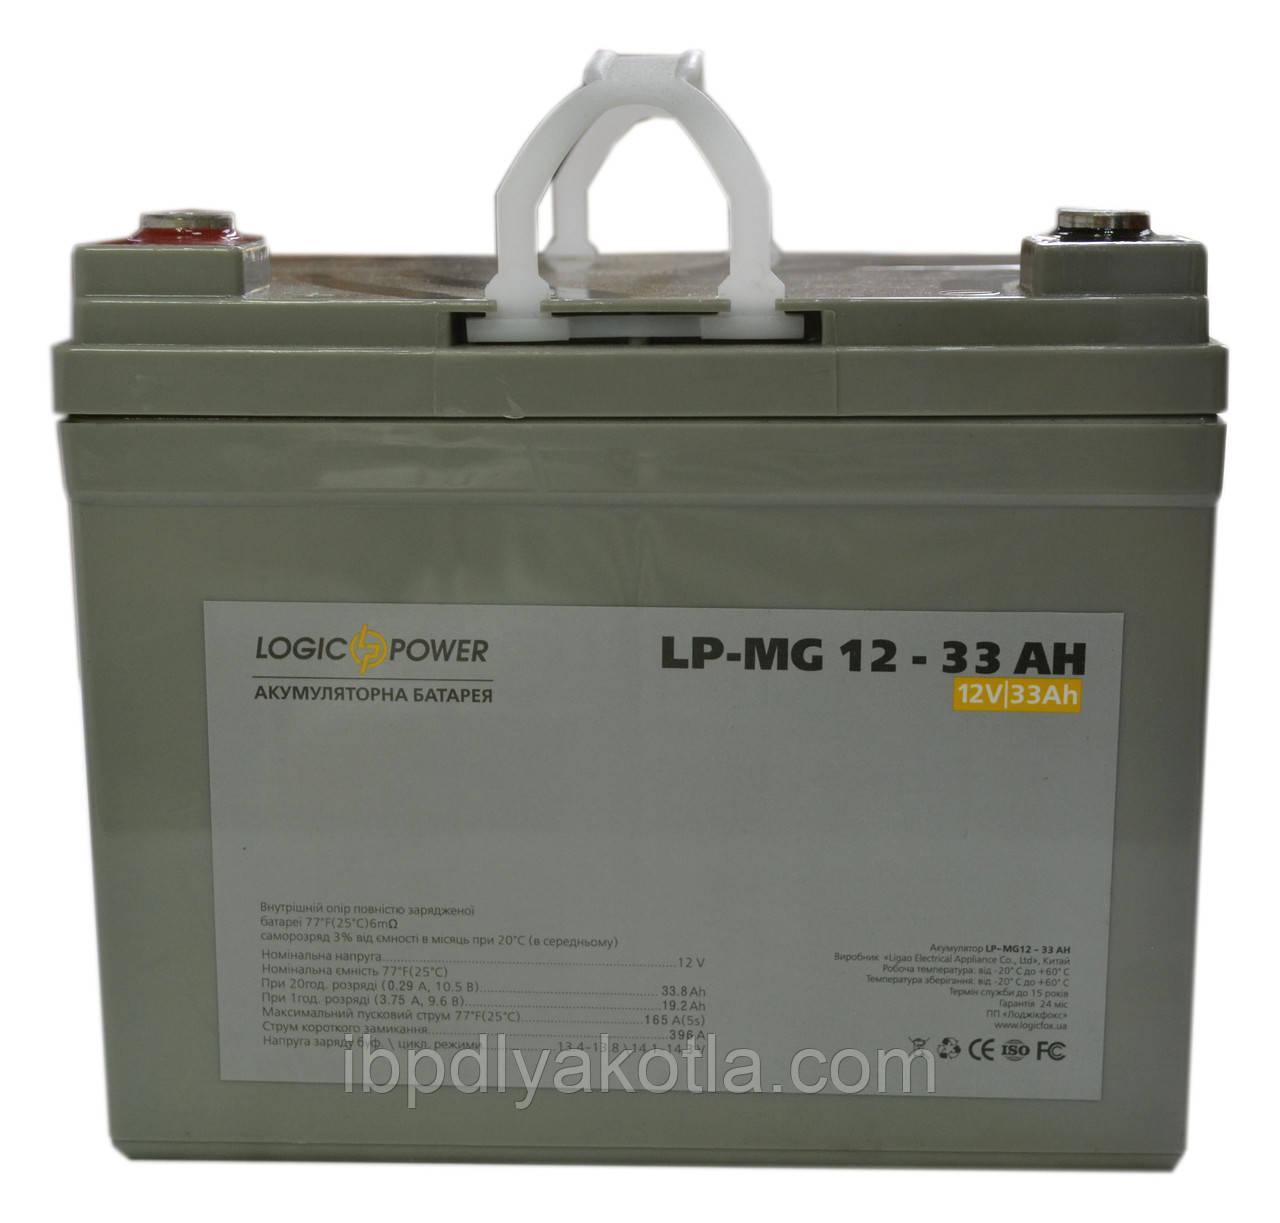 Logicpower LP-MG 12V 33AH